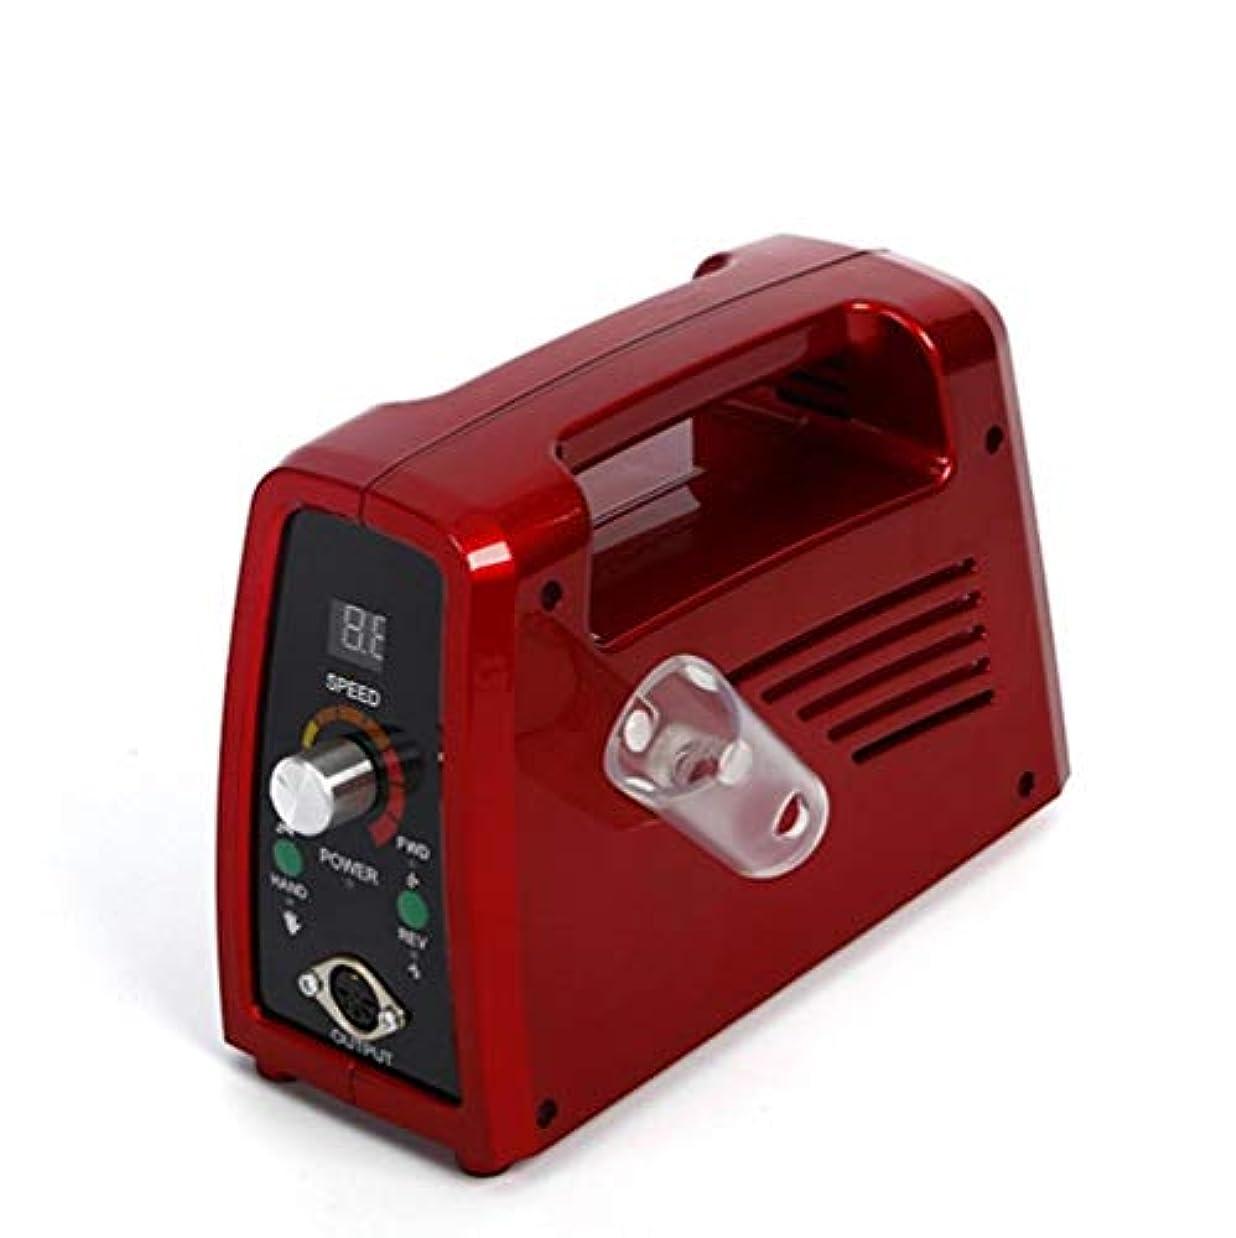 リネンタイト一時的電気35000 rpmネイルドリルプロフェッショナルネイルファイル用アクリルネイル彫刻マニキュアペディキュアマシンニスネイルポリッシャードリルビット液晶ディスプレイ